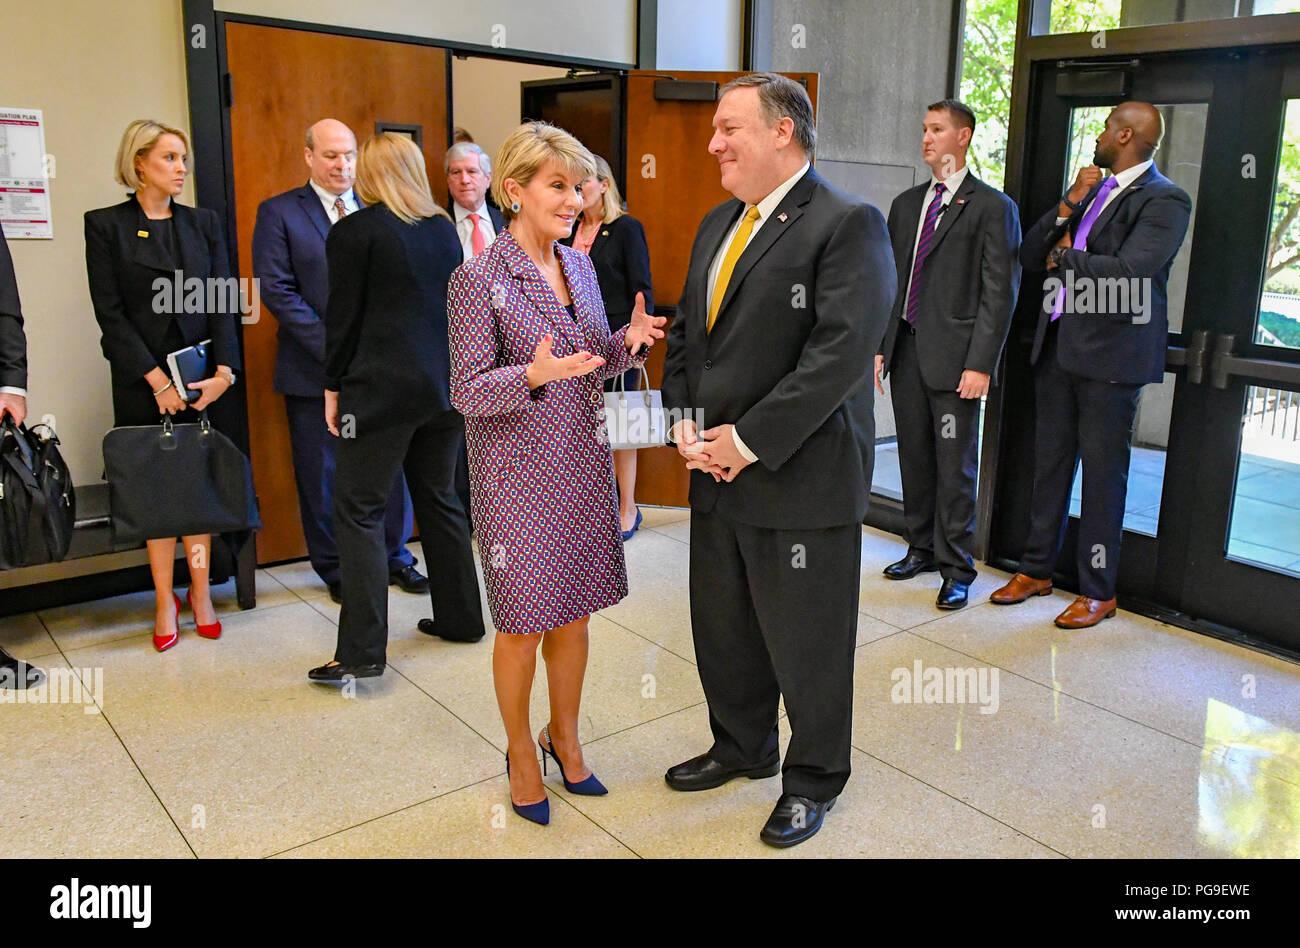 la secretaire d etat des etats unis michael r pompeo s entretient avec le ministre australien des affaires etrangeres julie bishop a la hoover institution